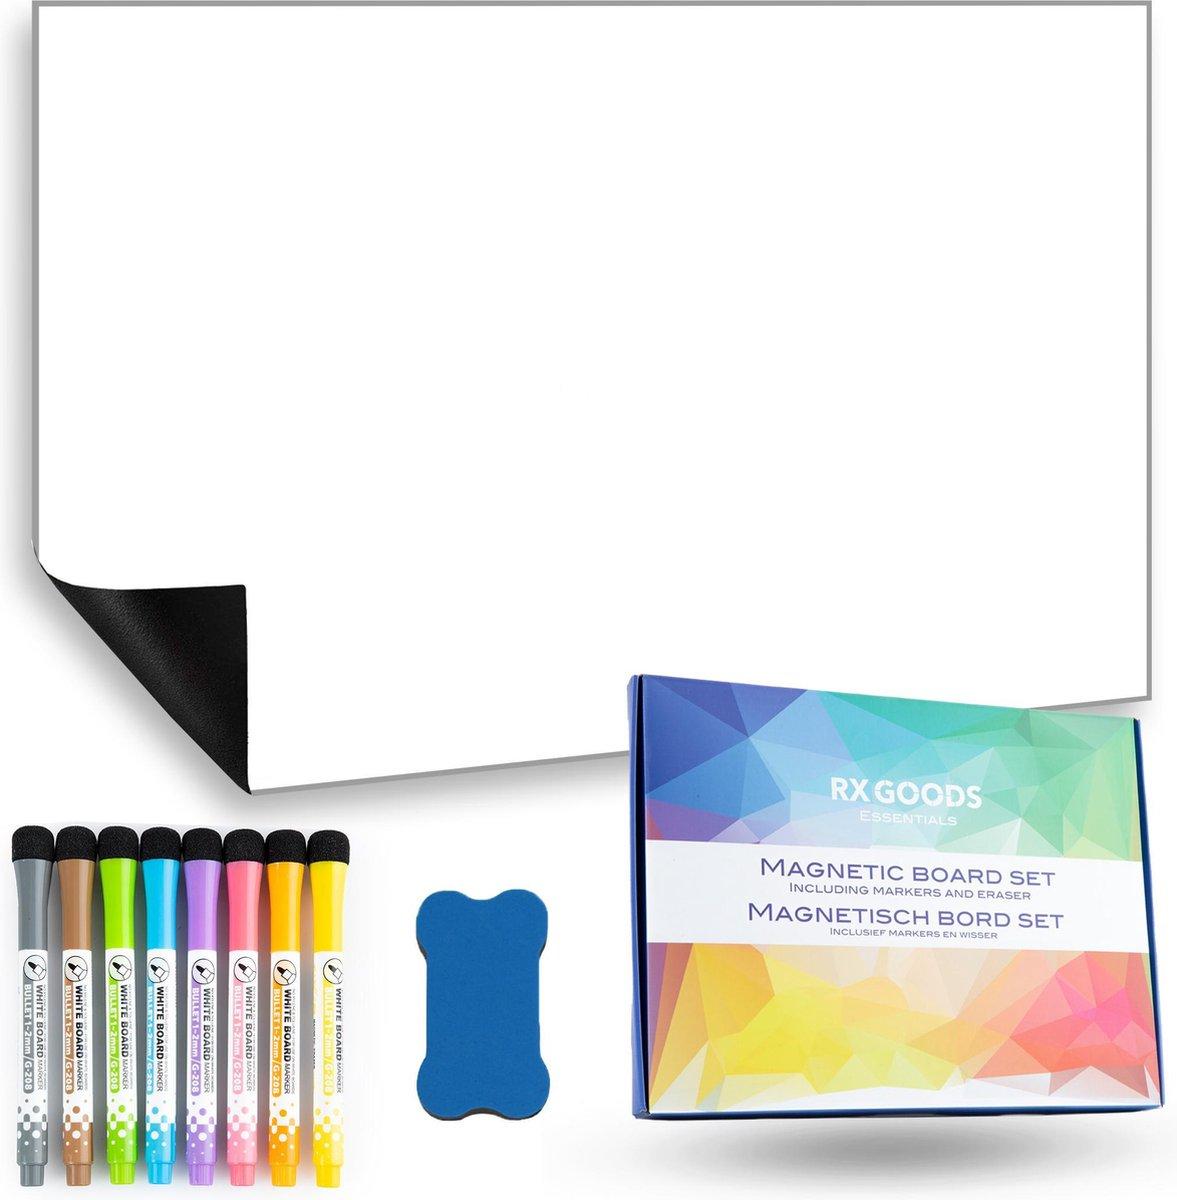 RX Goods® Magnetische Whiteboard Koelkast Set met 8 Markers & Wisser - Memobord, Planbord, Schrijfbord & to do planner